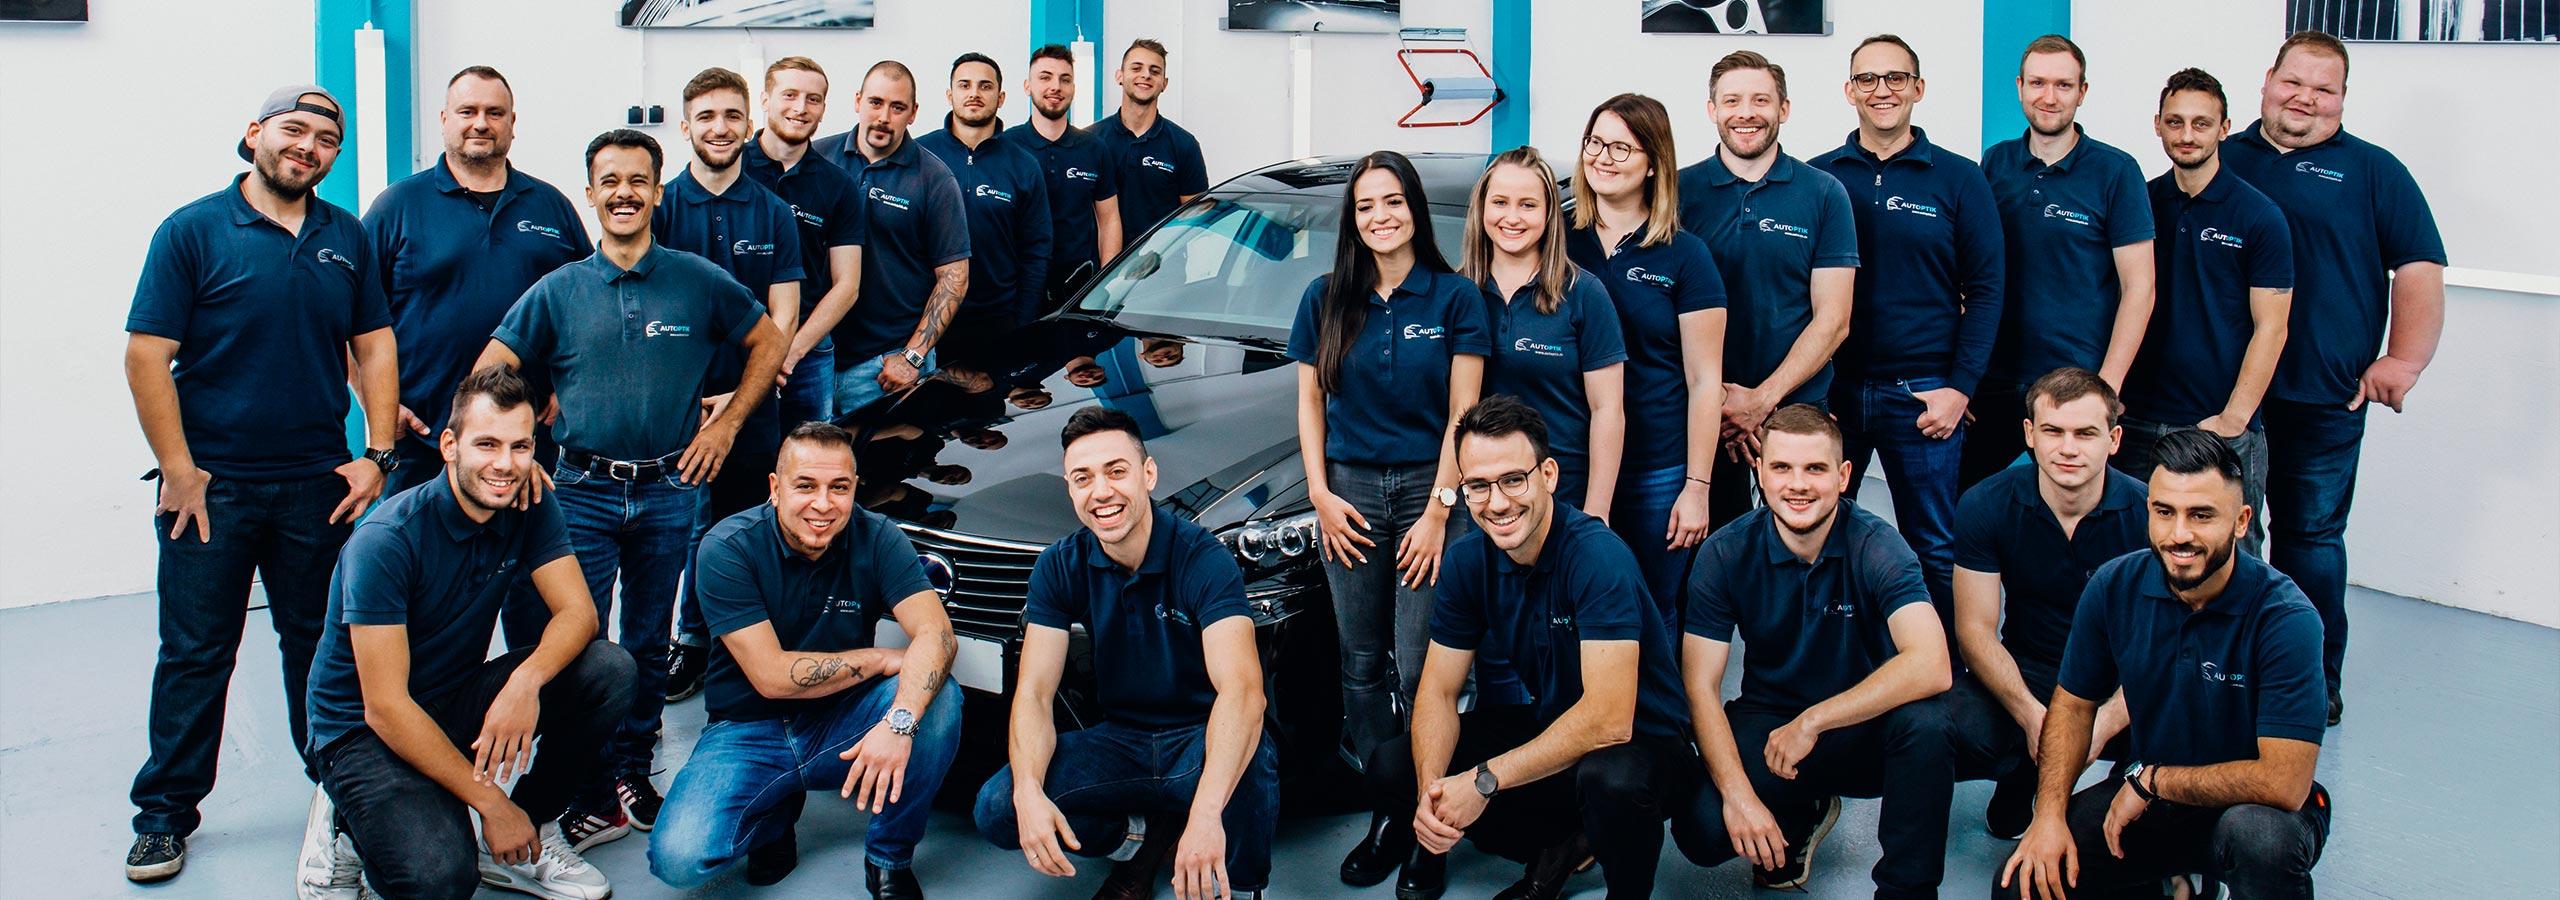 Team AutOptik, 24 Mitarbeiter/-innen vor und neben schwarzem Audi, Autoaufbereitung Bayreuth, Bamberg, Hof.